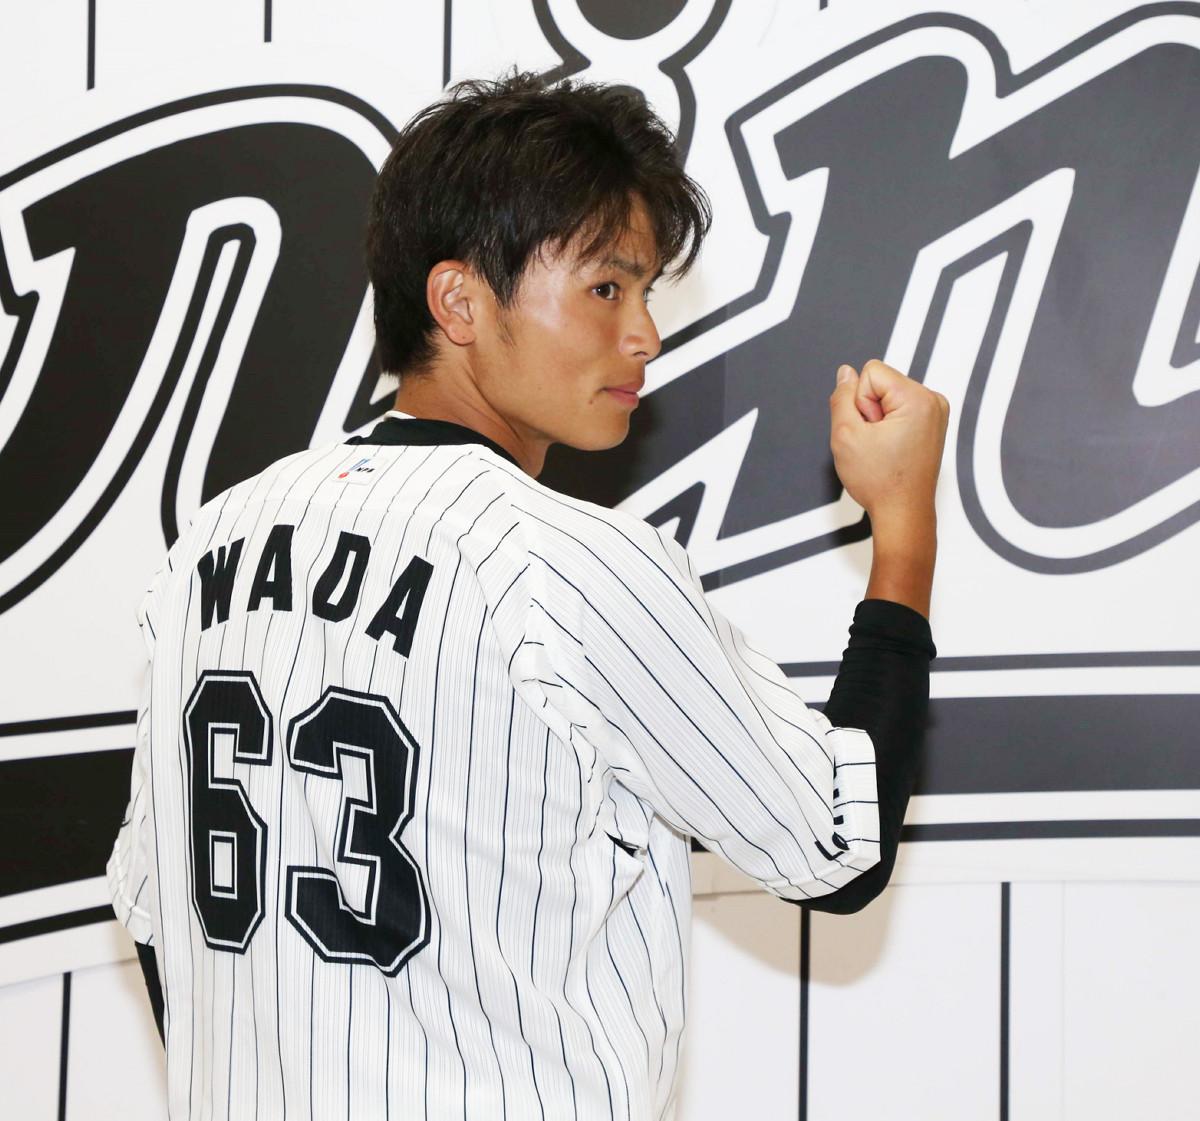 支配下登録されたロッテ・和田は、背番号63のユニホームでガッツポーズ(球団提供)